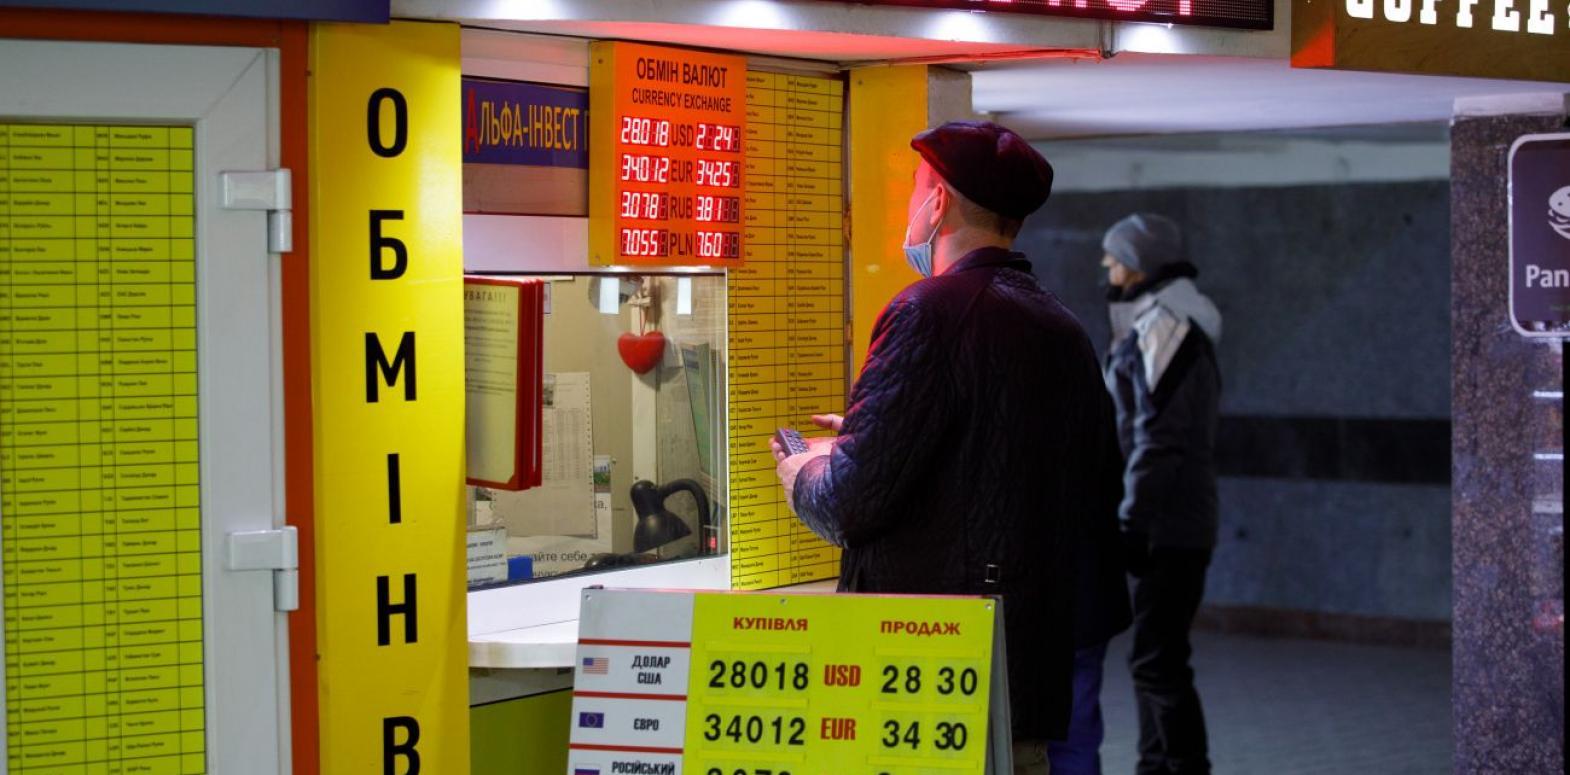 Ситуация на валютном рынке в конце января: спрос и предложение уравновешены